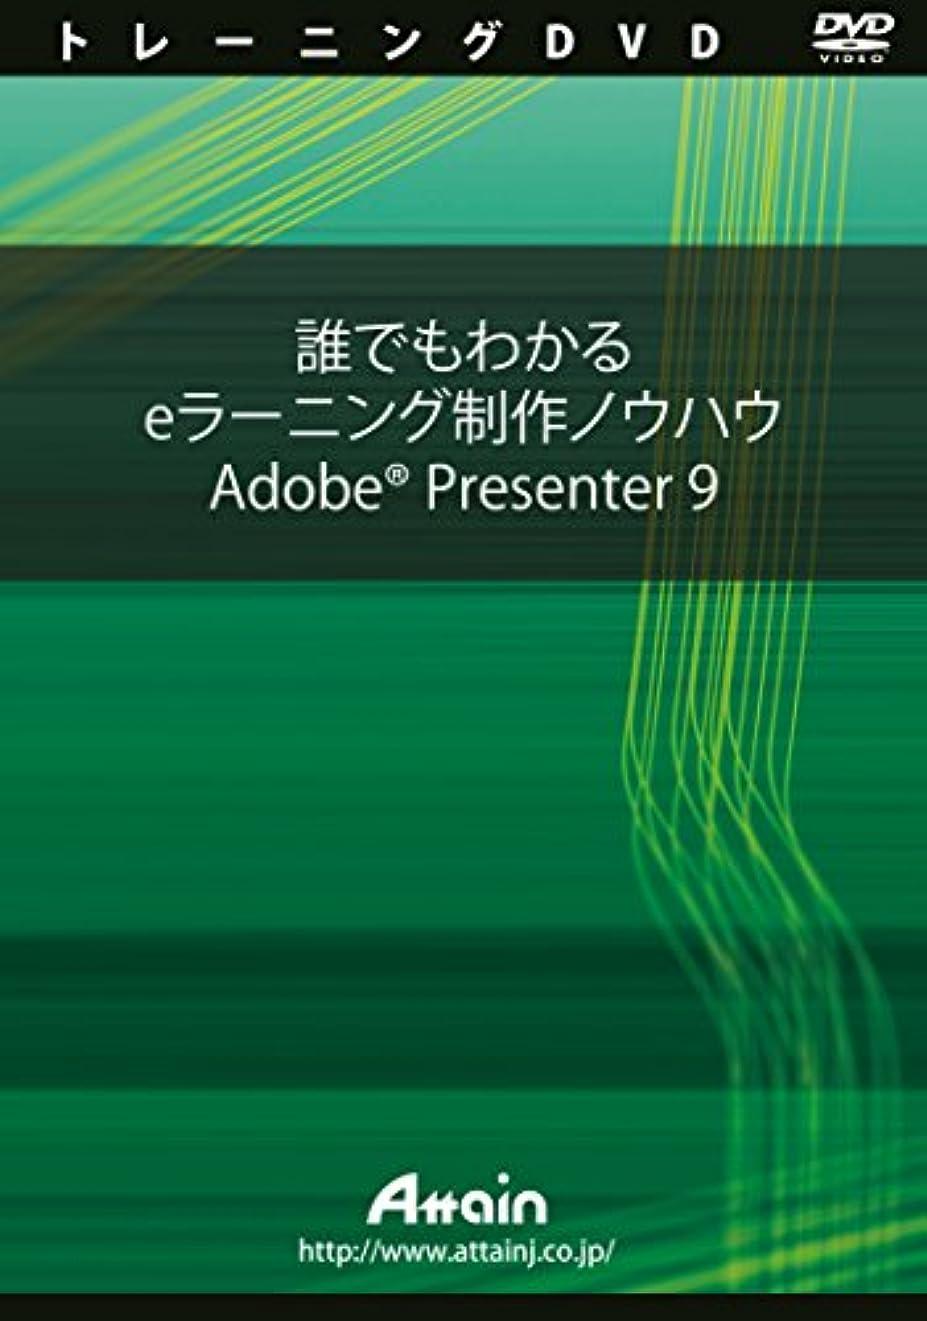 マーキーしたがって学生誰でもわかる eラーニング制作ノウハウ Adobe Presenter 9